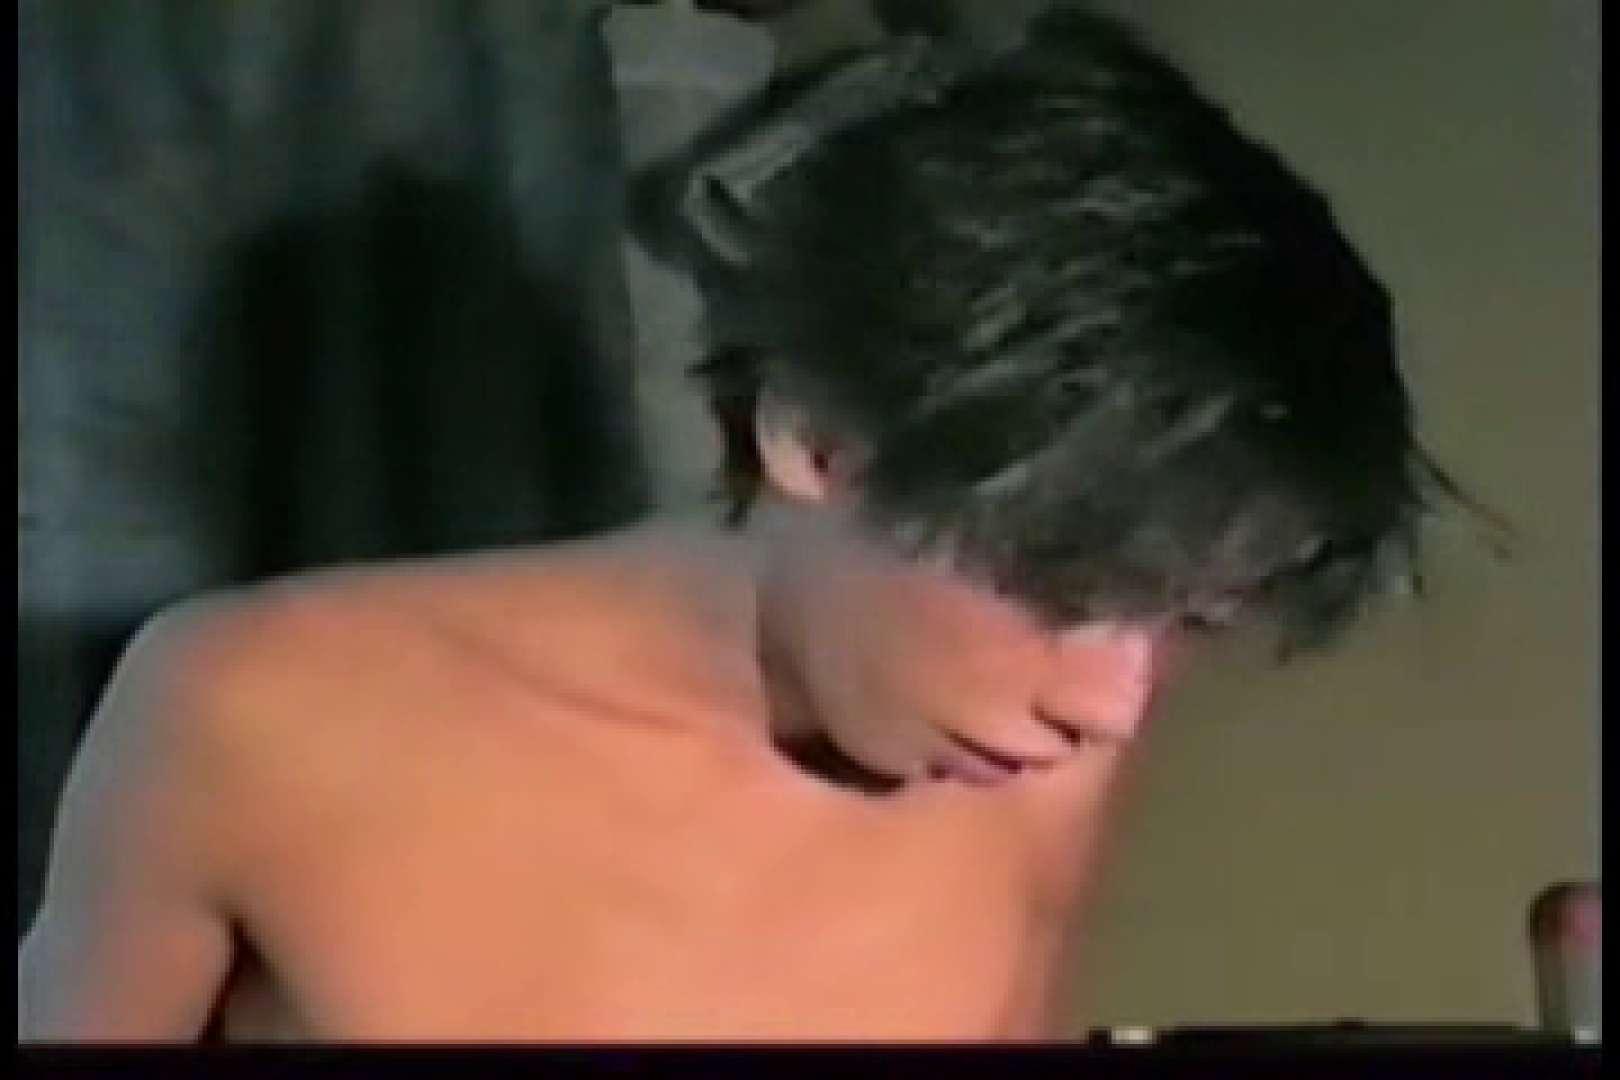 【個人製作】若き男子たちのジャム遊び 男どうし ゲイアダルト画像 62pic 19